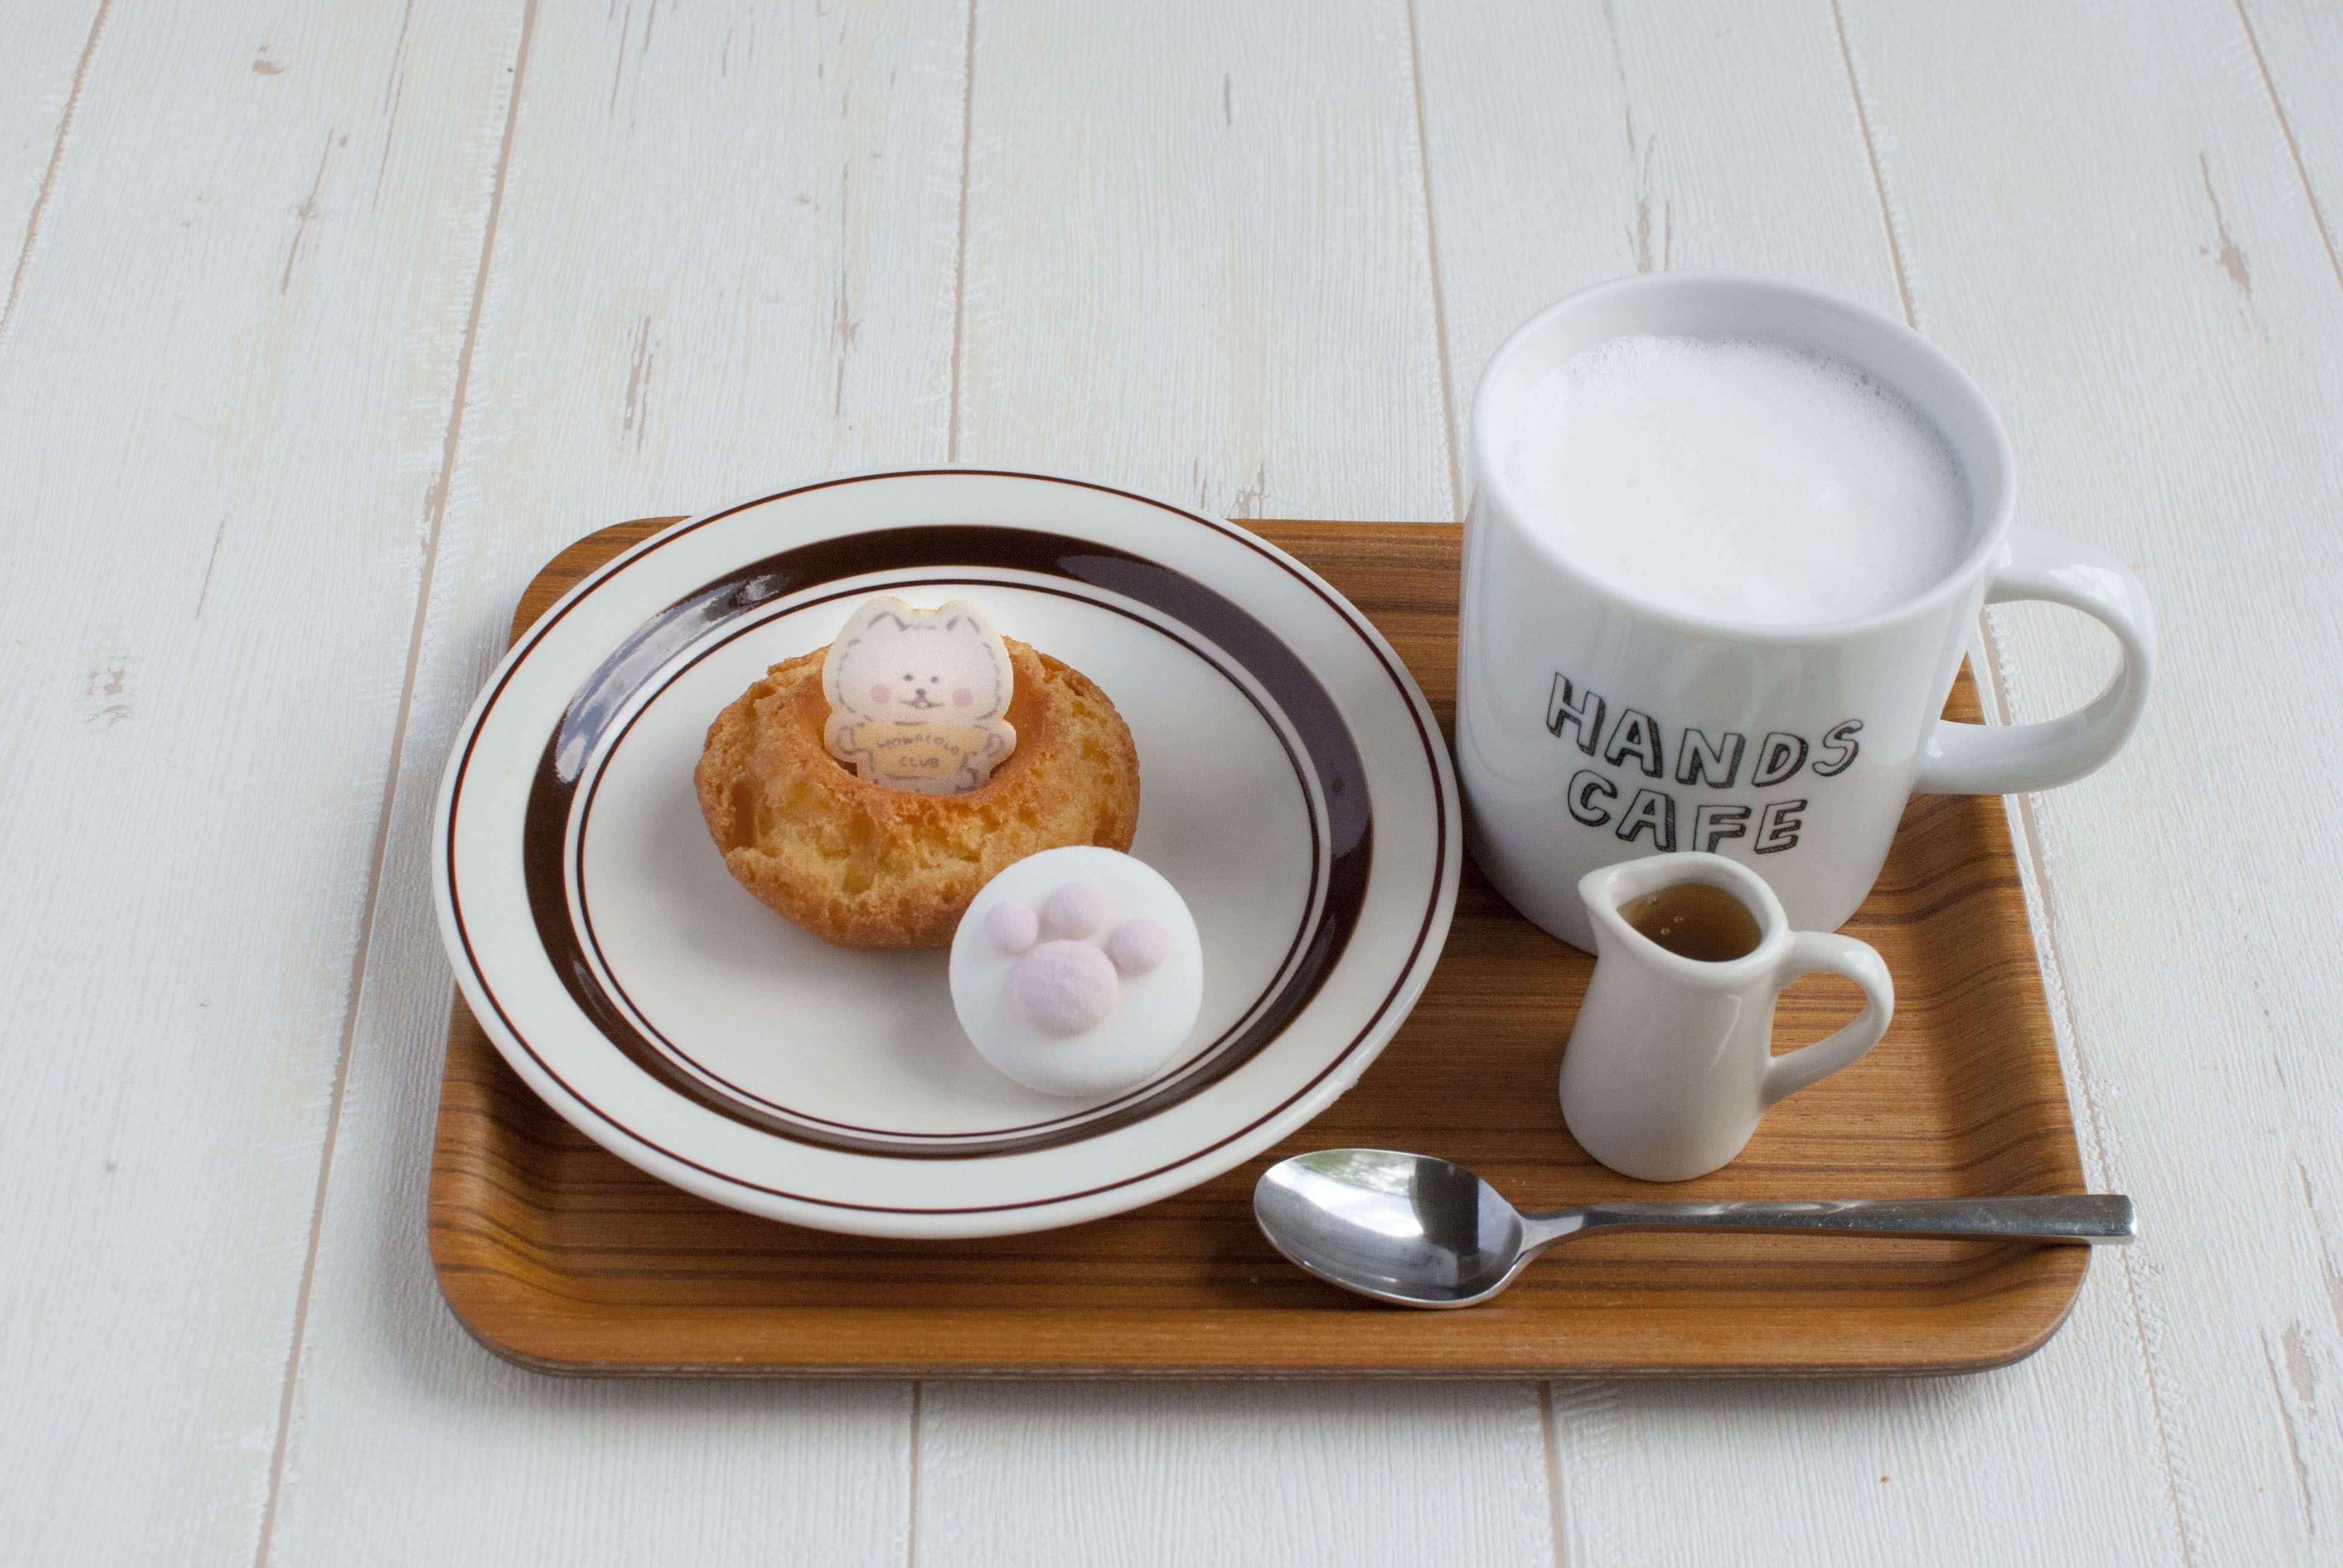 ほわころちゃん ハンズカフェ Hands cafe セット